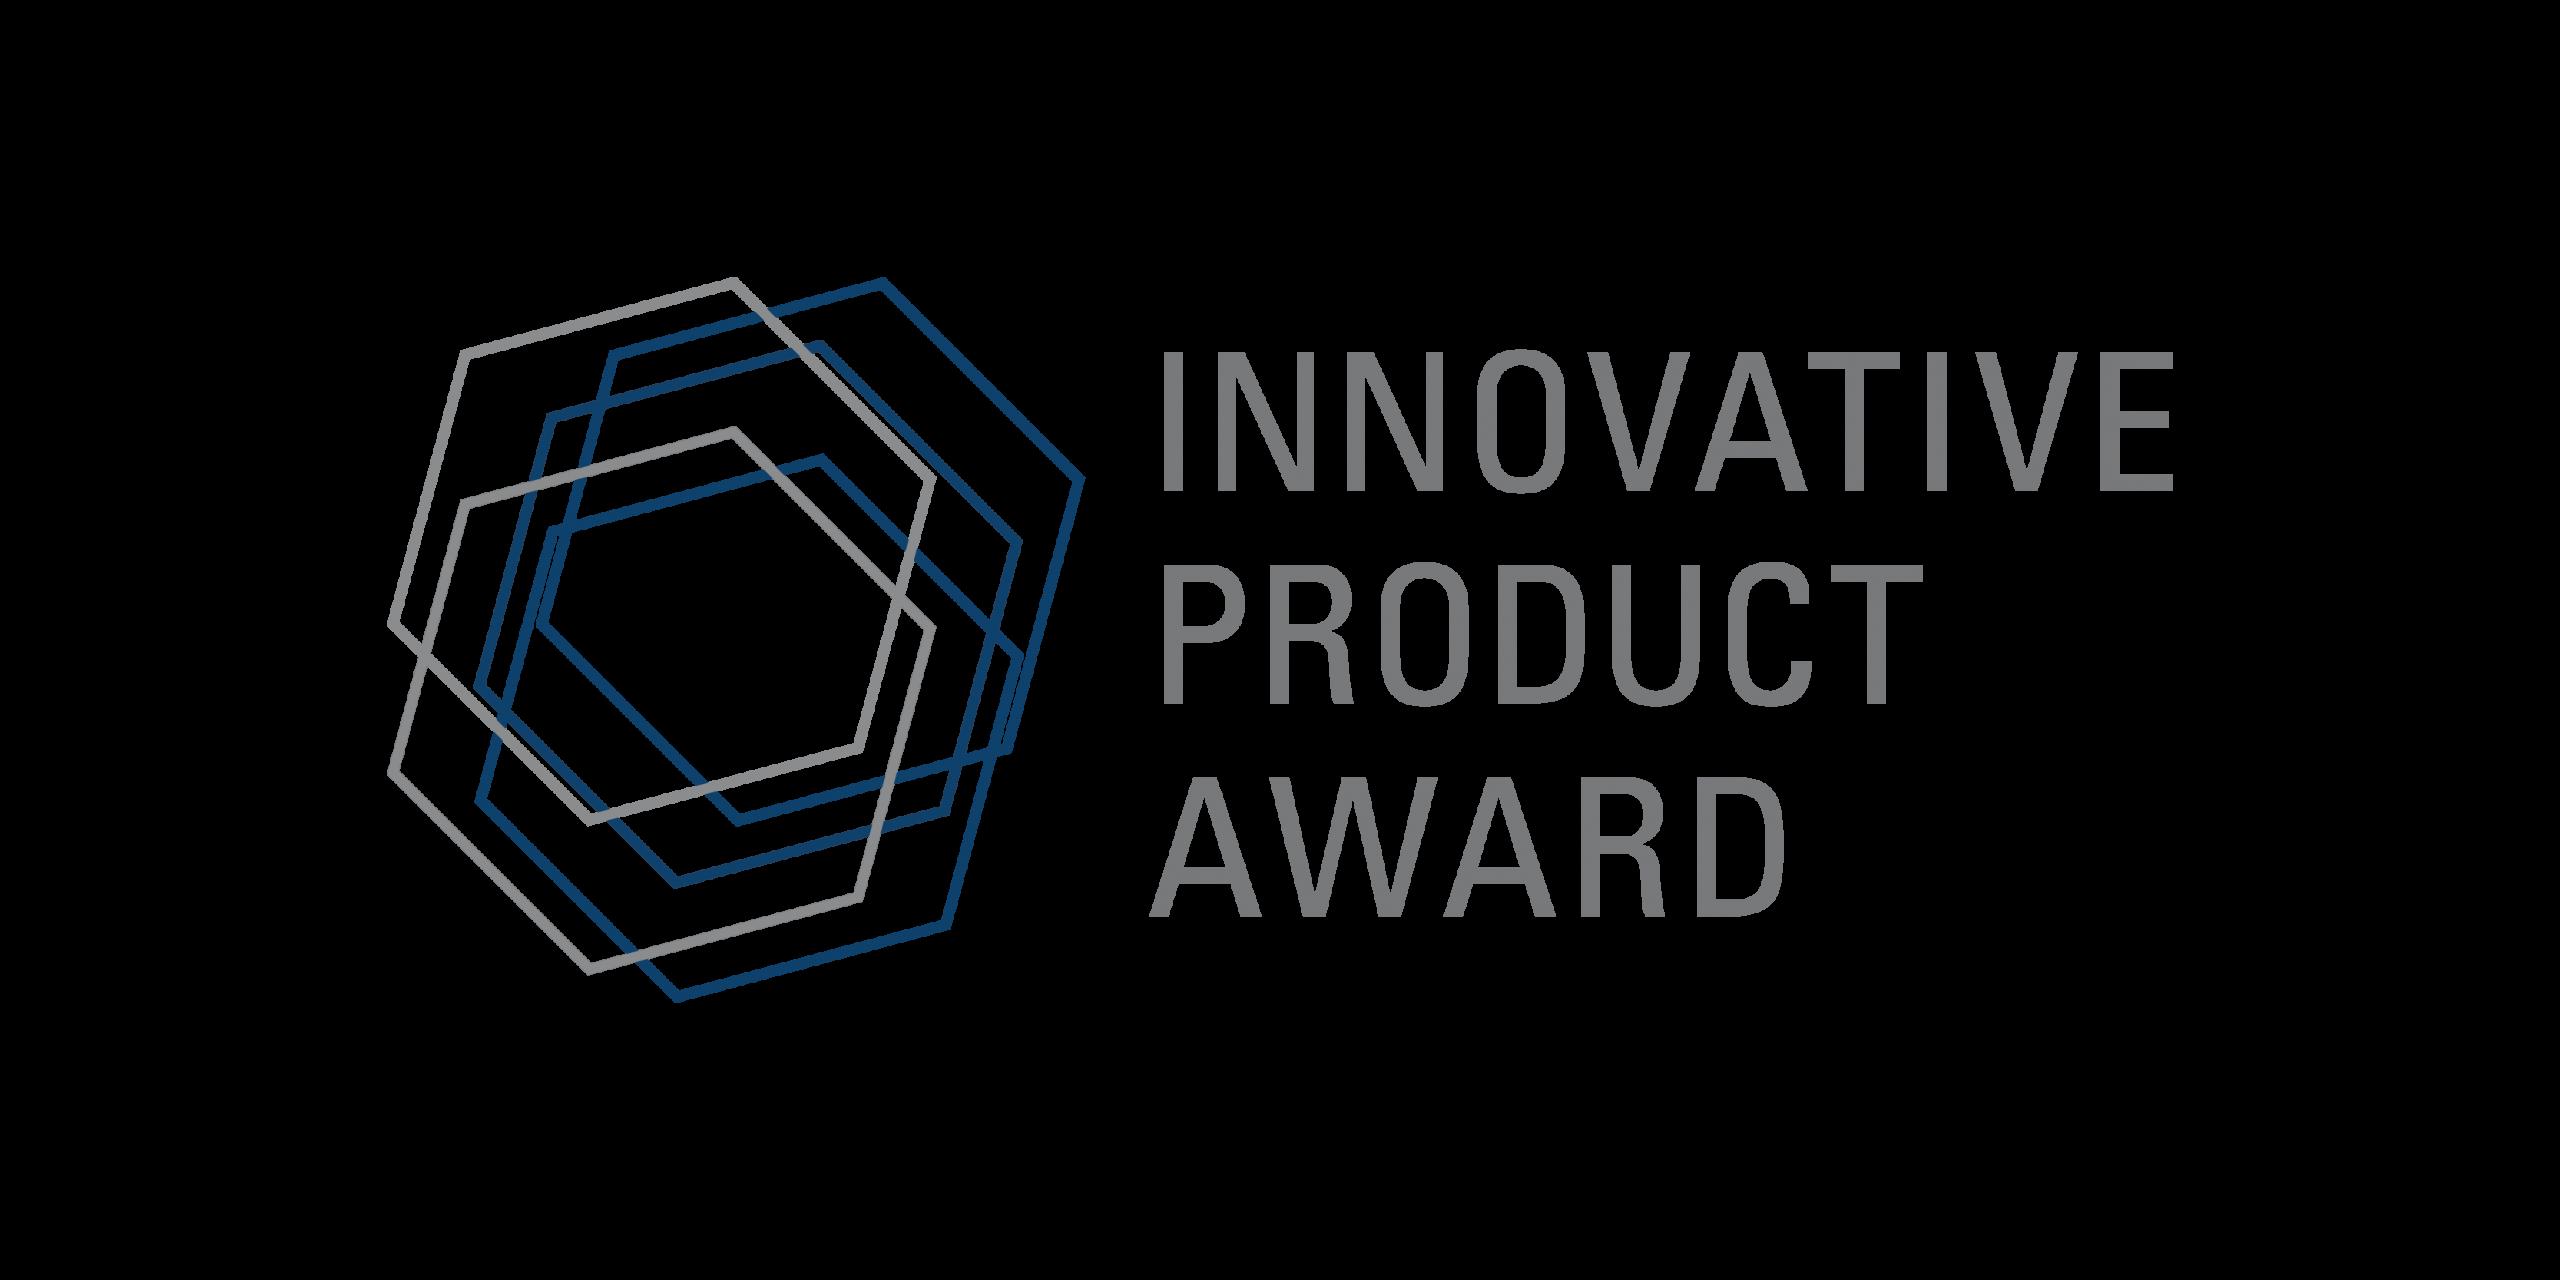 Innovative product award